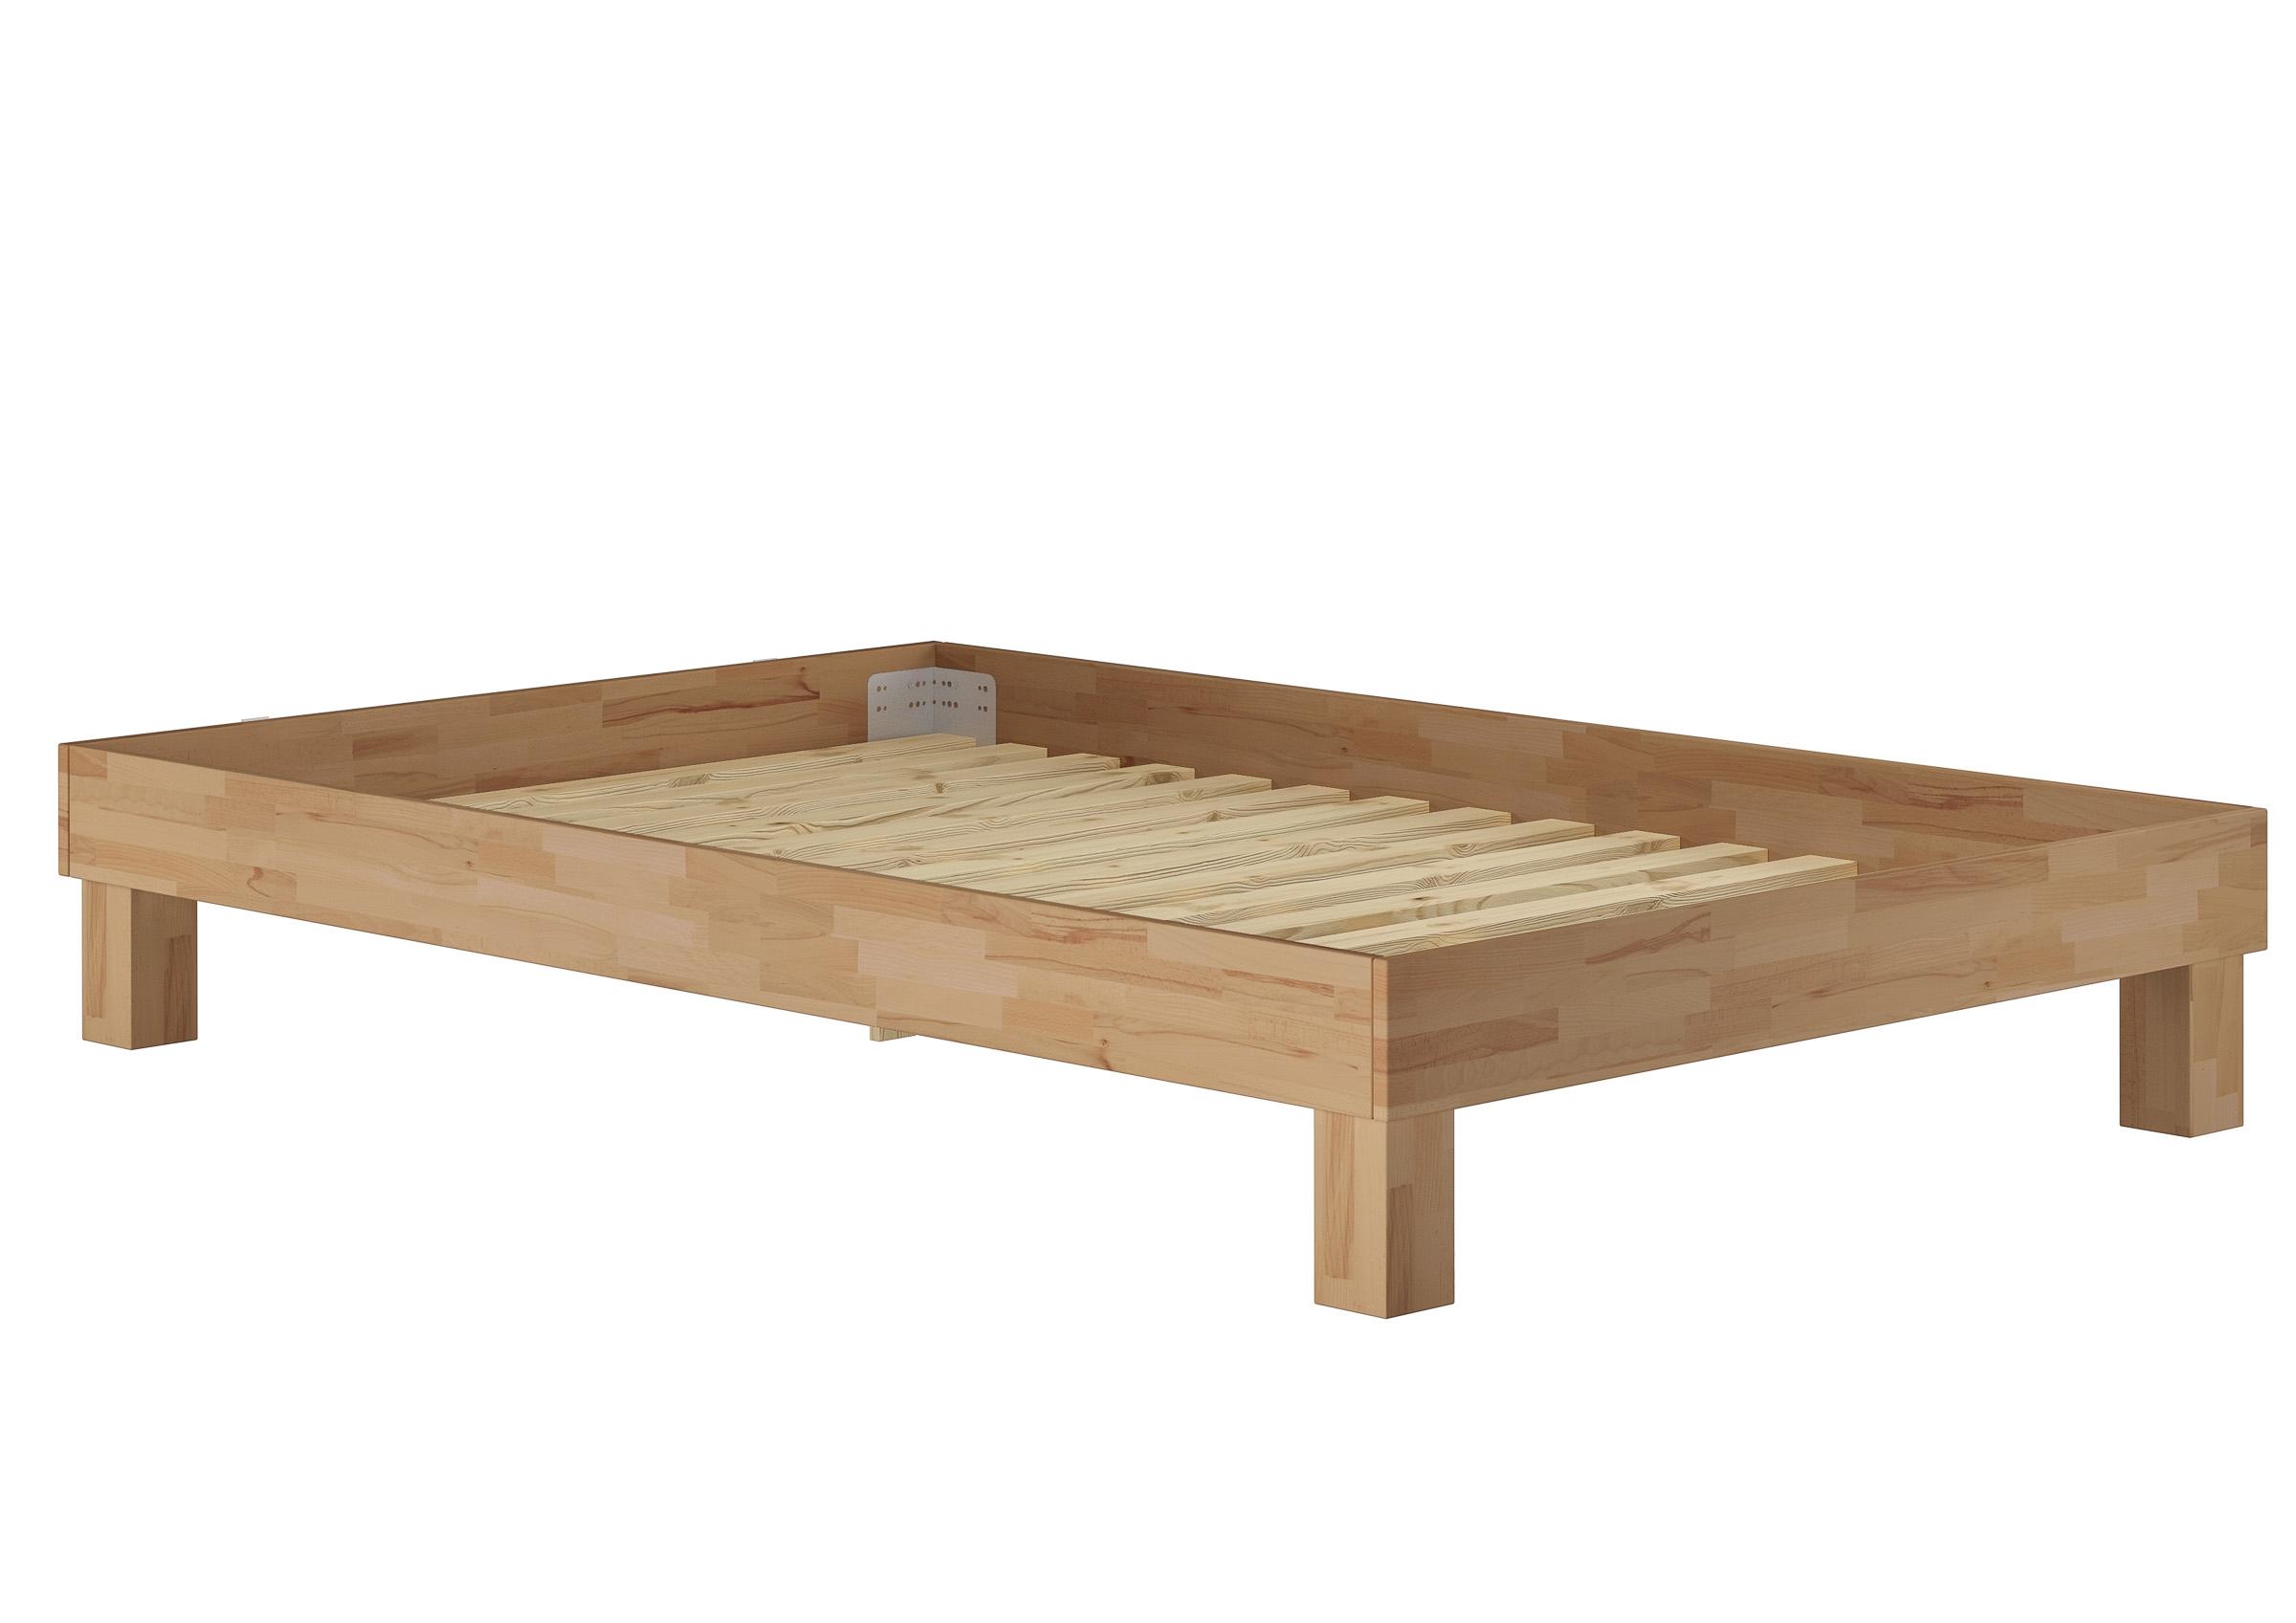 Full Size of Franzsisches Bett Doppelbett 140x200 Buche Natur Gelt Bettrahmen Betten Kaufen 160x200 Mexiko Rundreise Und Baden 160x220 200x200 Mit Bettkasten 200x180 Bett Bett 140 X 200